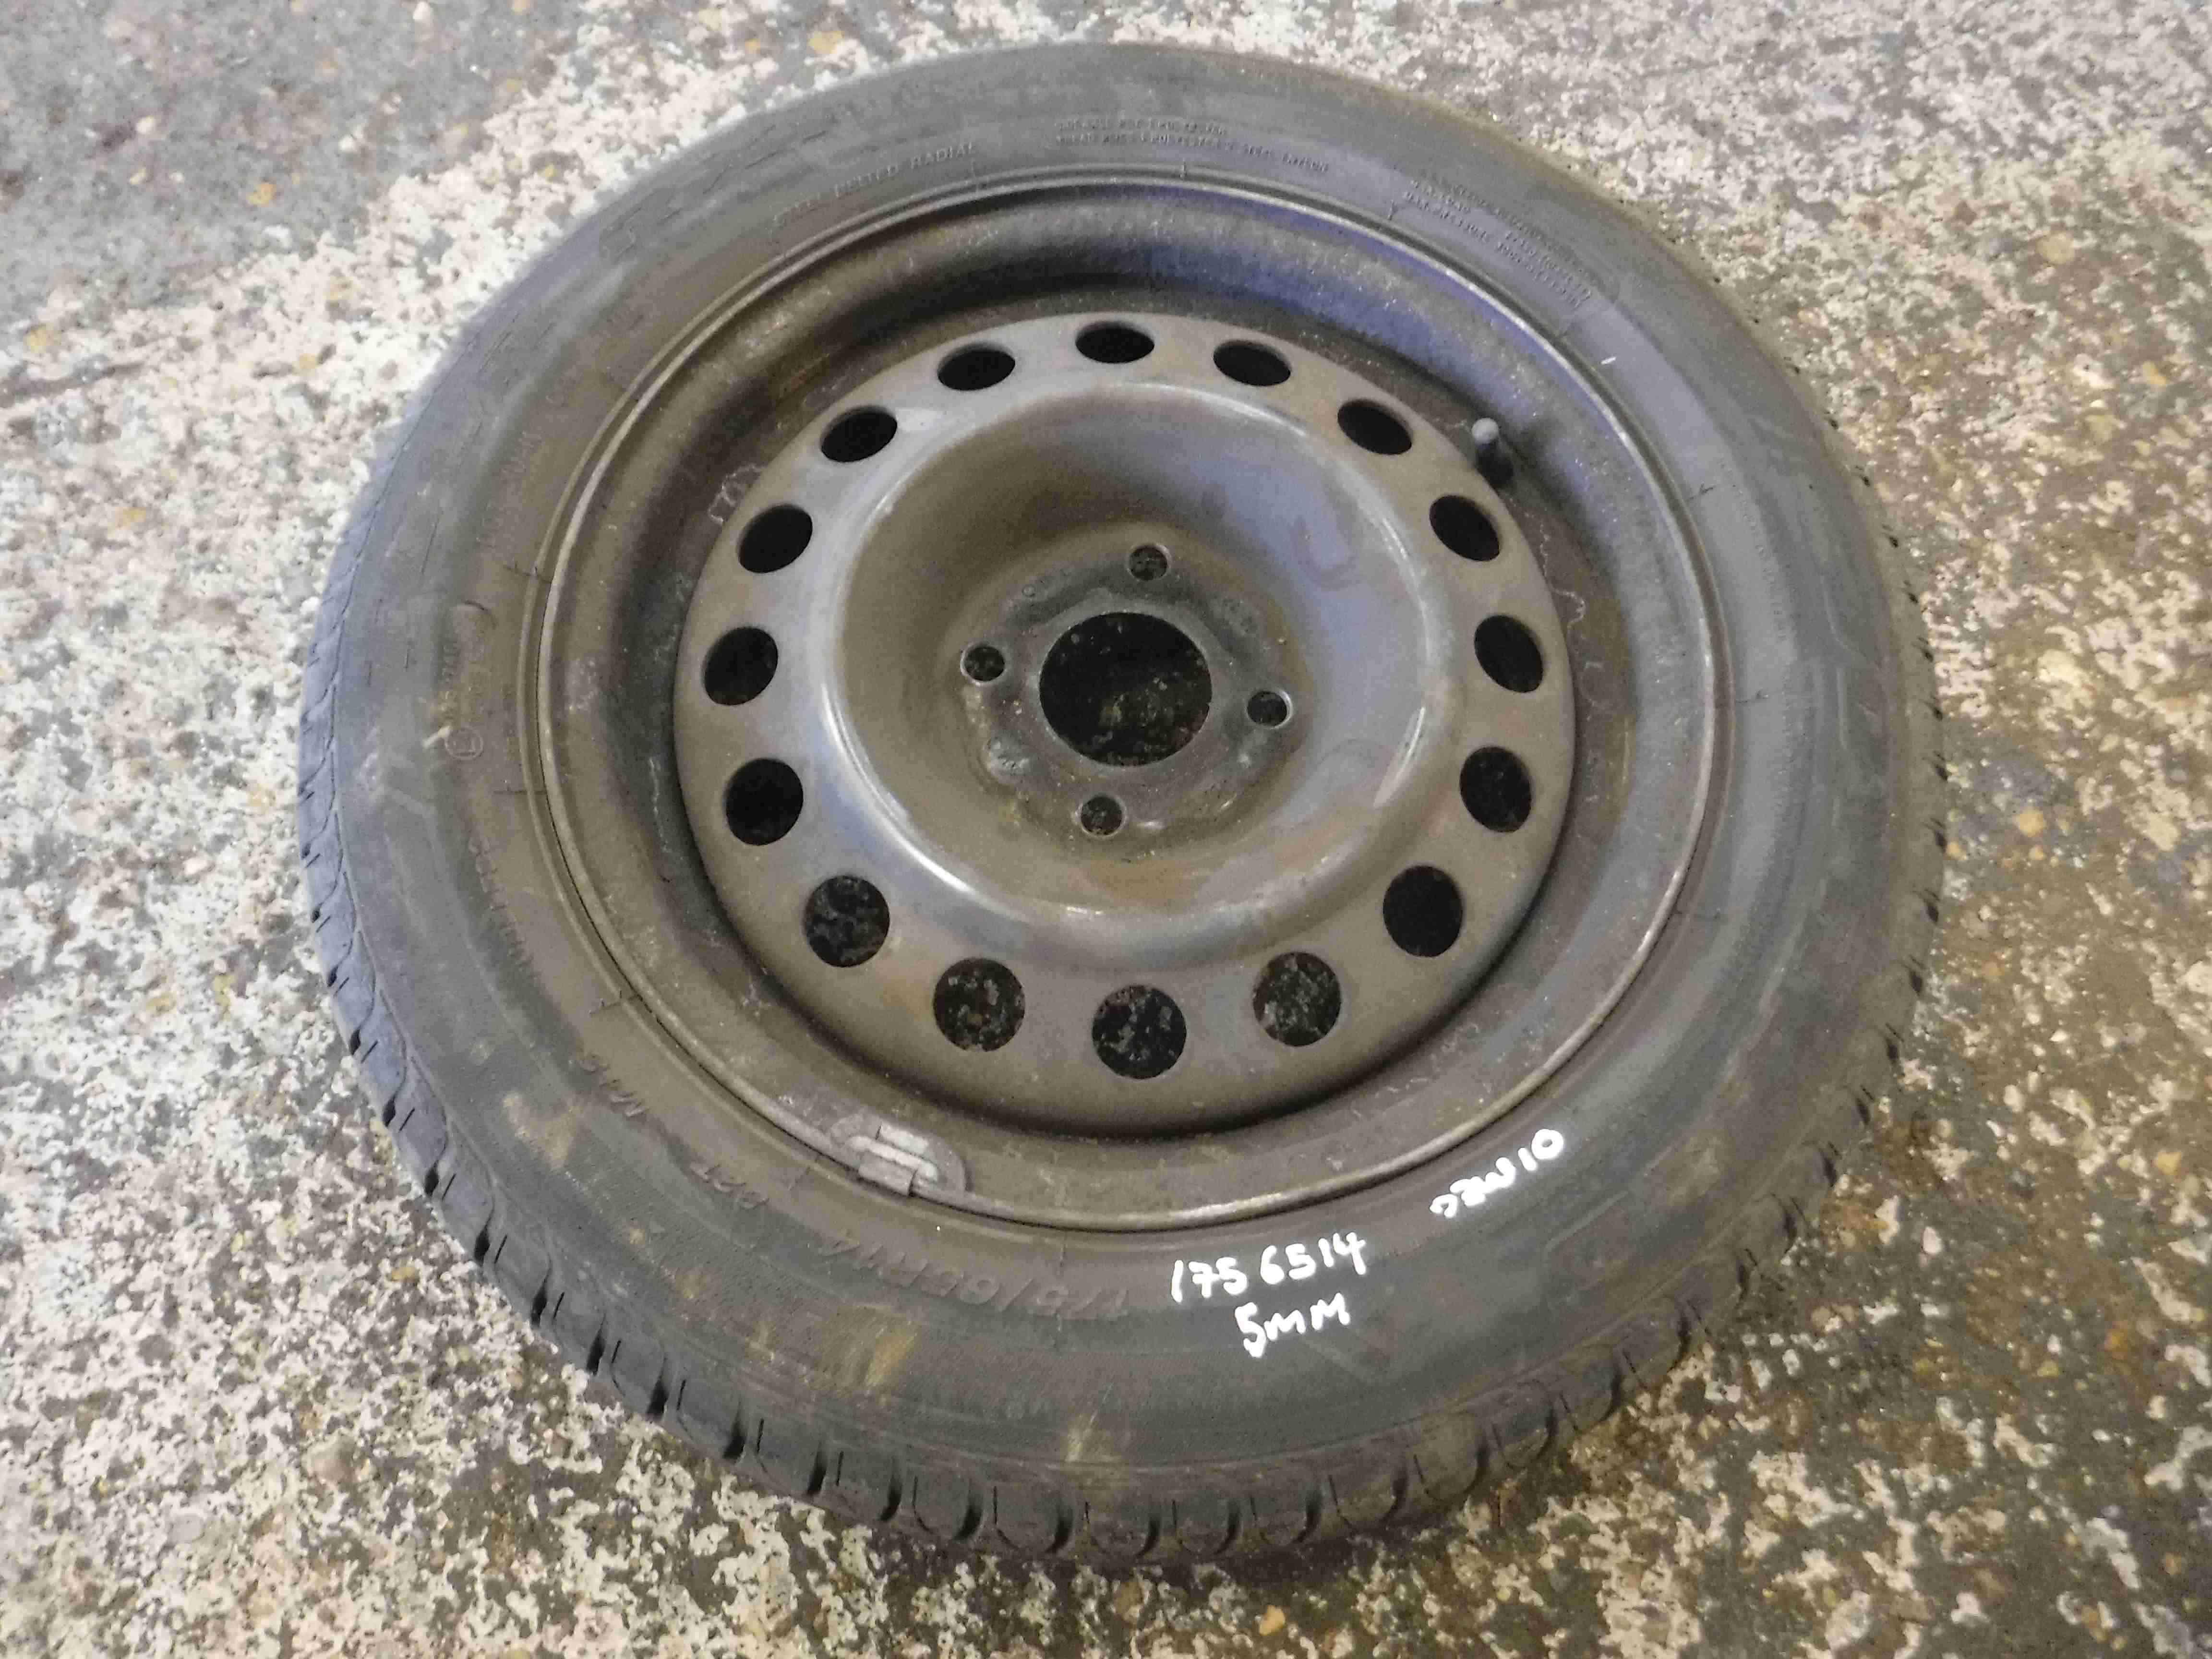 Renault Megane 1999-2002 Steel Wheel Rim + Tyre 175 65 14 5mm Tread 3/5